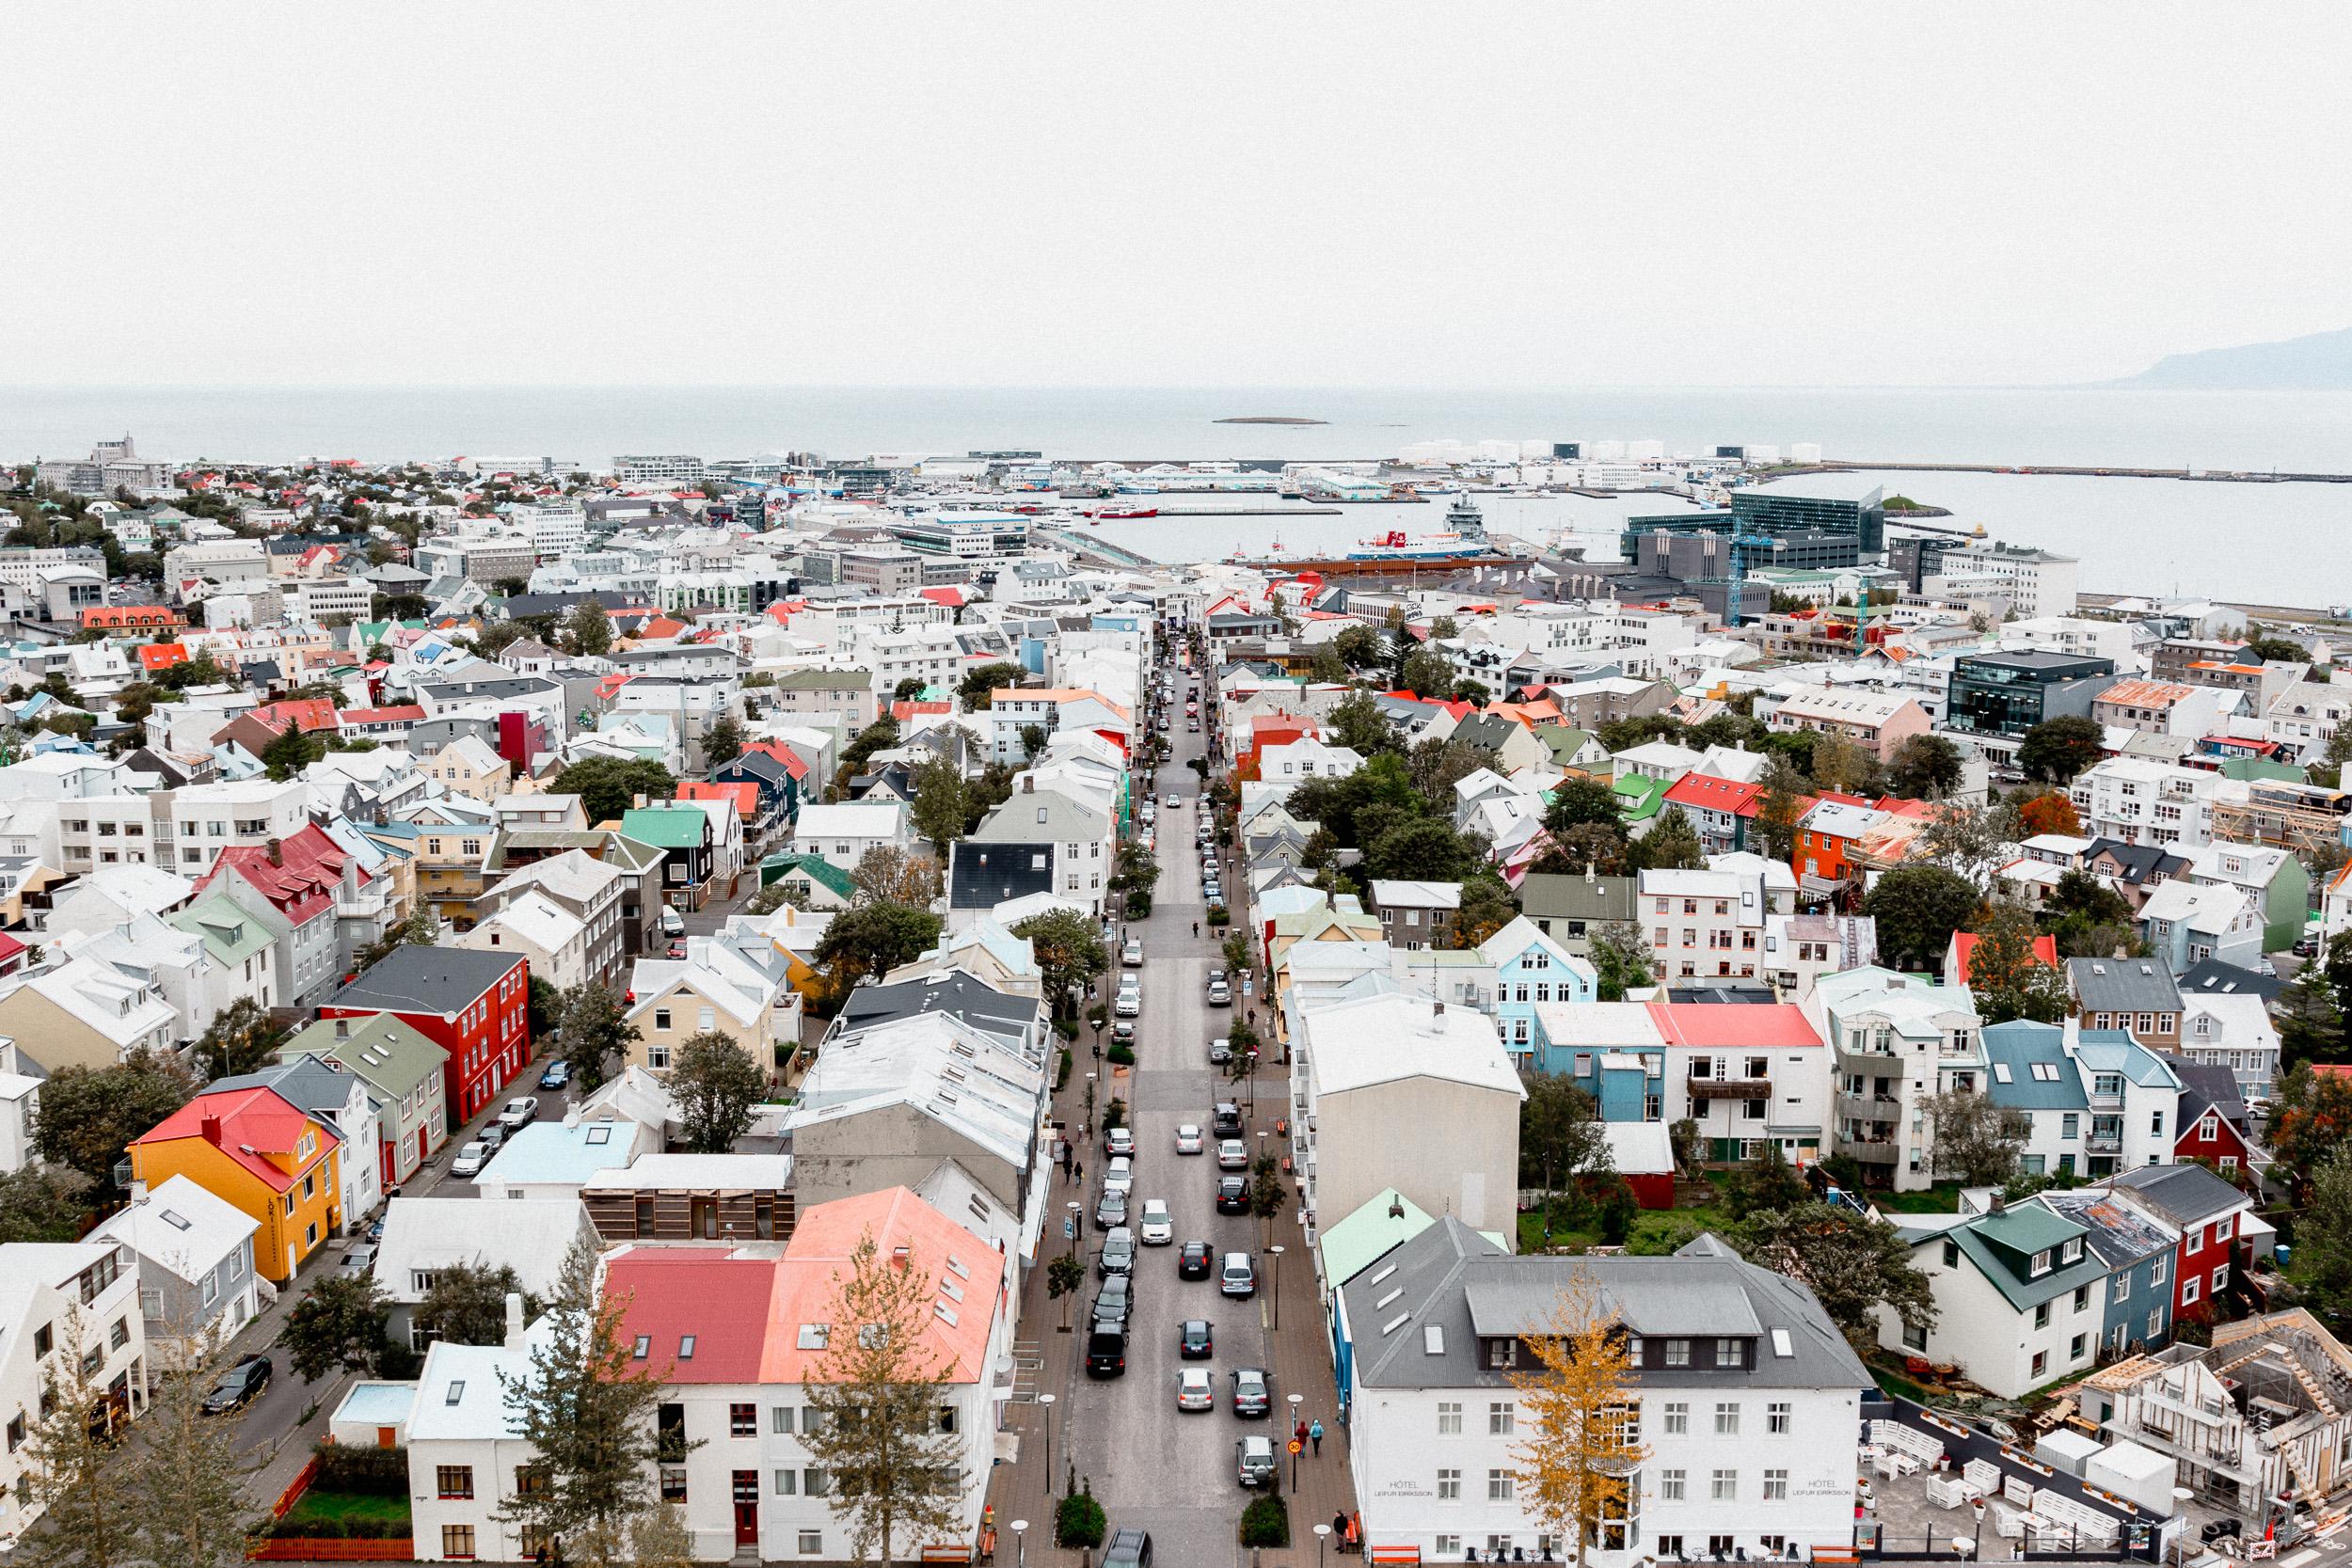 11-reykjavik-colourful-houses-iceland-travel-anna-elina-lahti-photographer.jpg